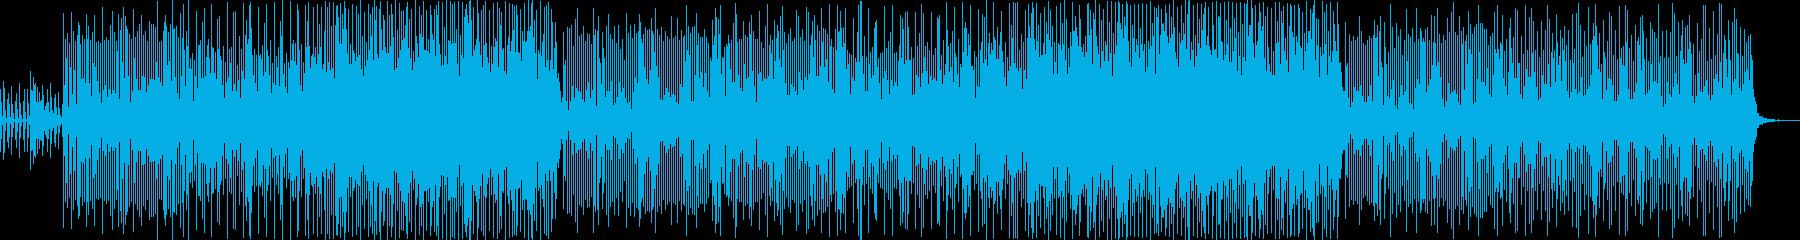 法人 技術的な 説明的 静か ハイ...の再生済みの波形